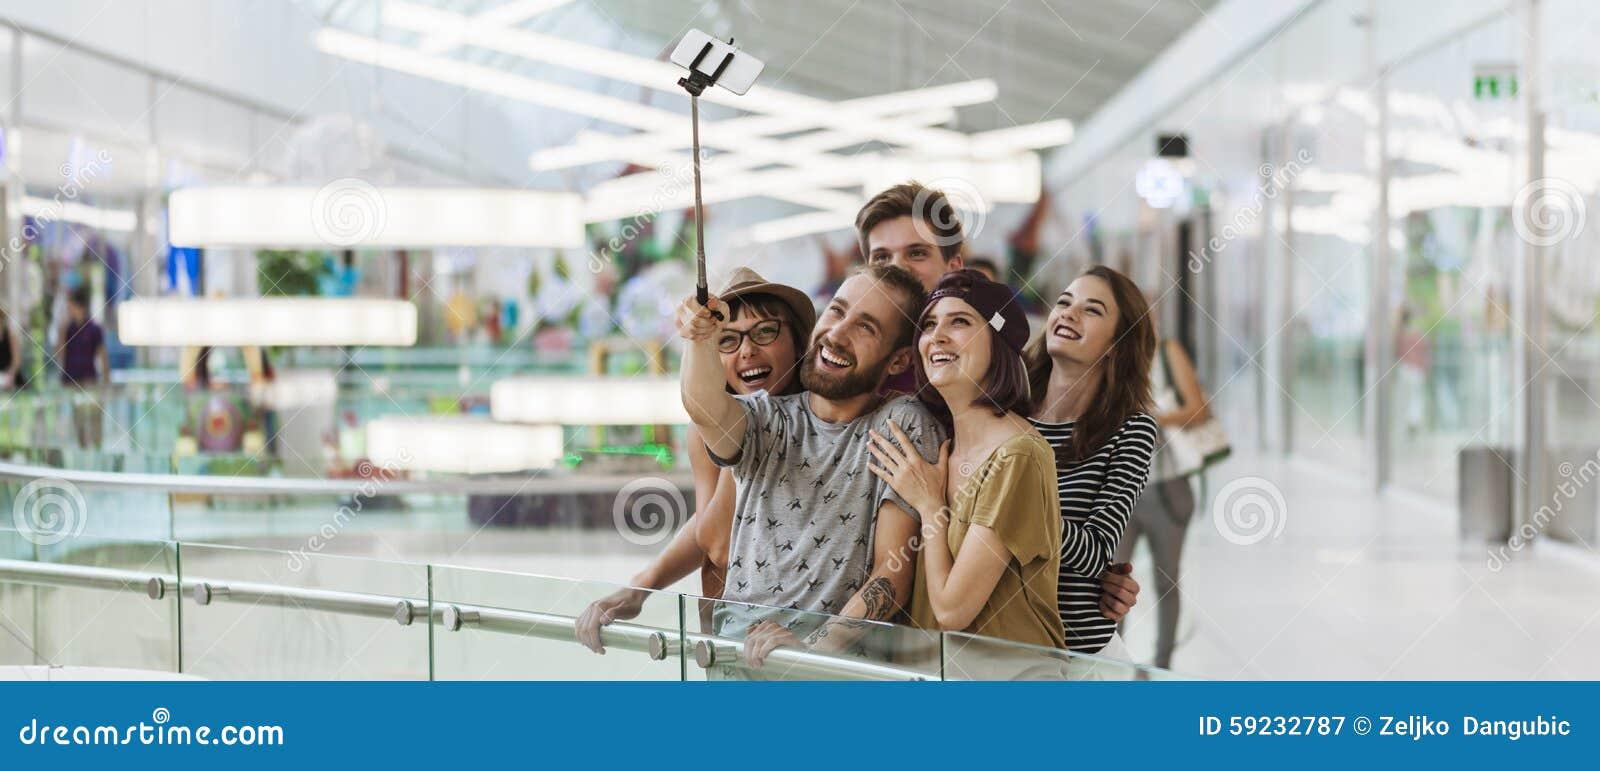 Download Inconformistas En La Alameda De Compras Que Toma Selfie Imagen de archivo - Imagen de ropa, disfrute: 59232787